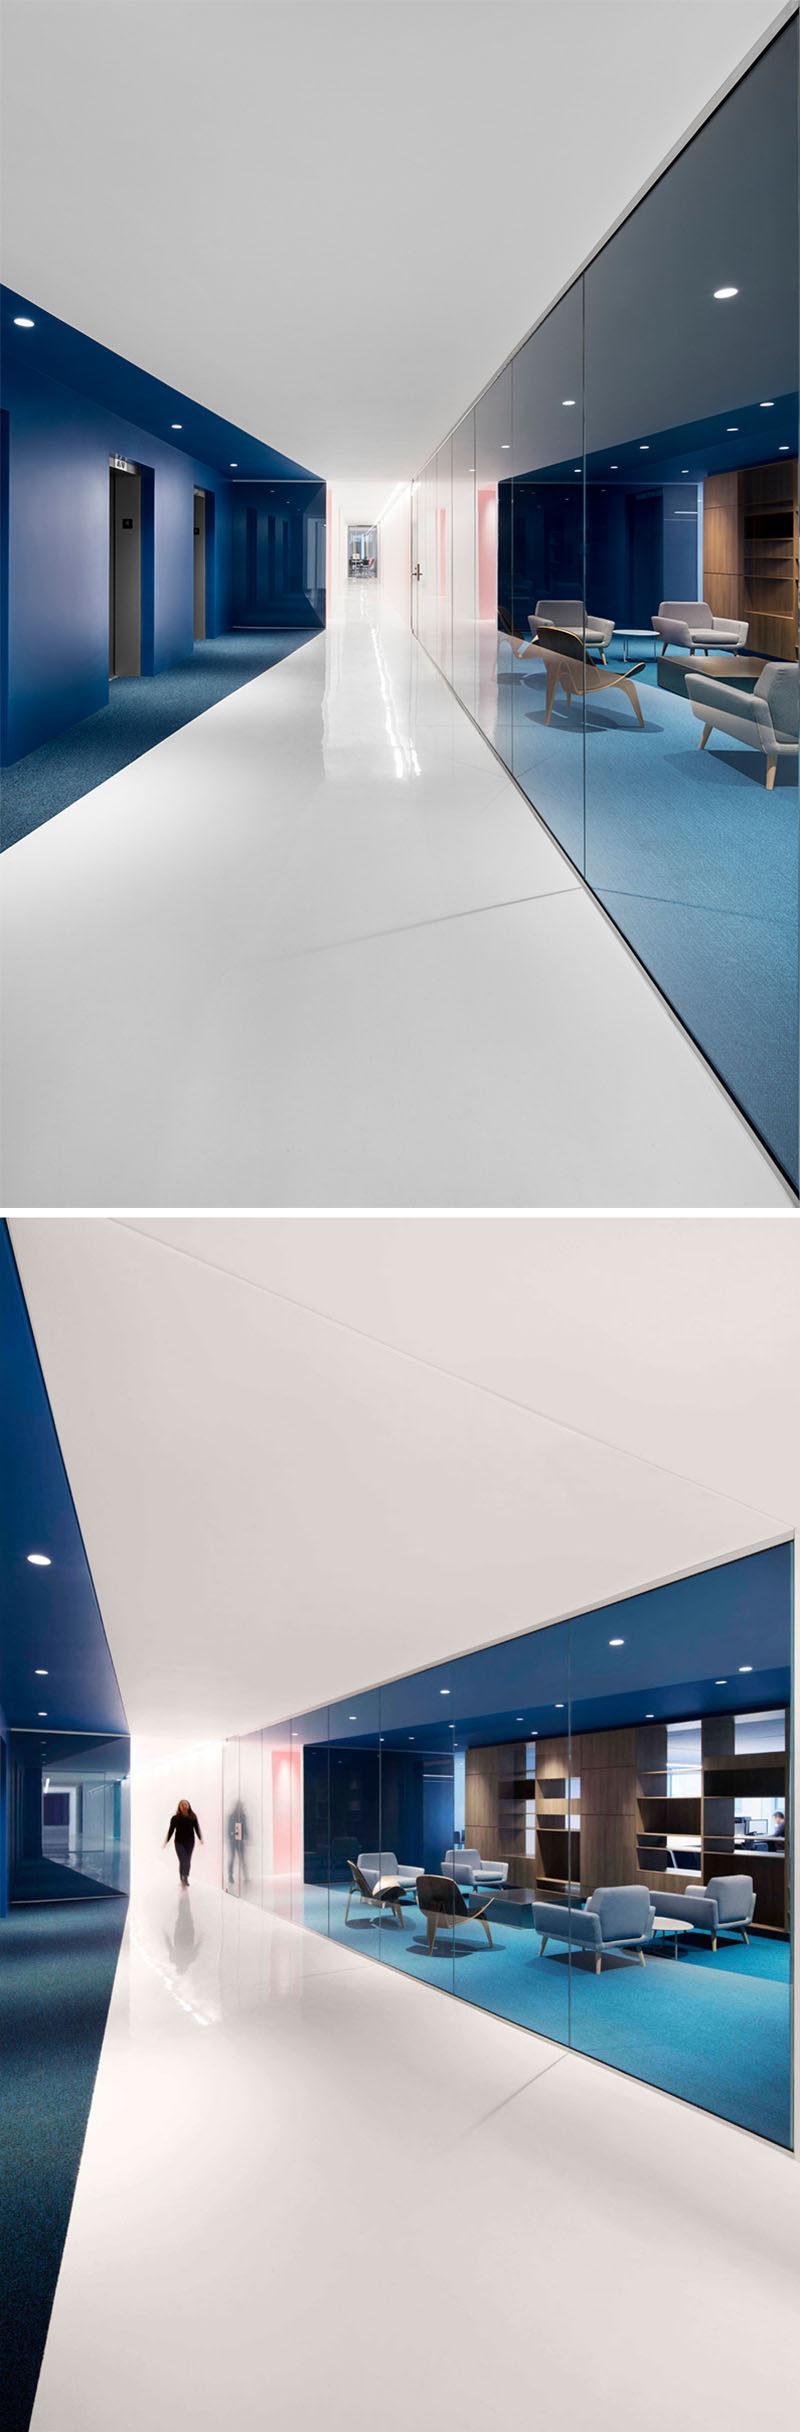 dieses-zeitgenossische-und-offene-buro-design-ist-meist-weiss-aber-fett-farbtone-wurden-verwendet-um-verschiedene-bereiche-im-inneren-zu-definieren-workplace-officedesign-interiordesign-